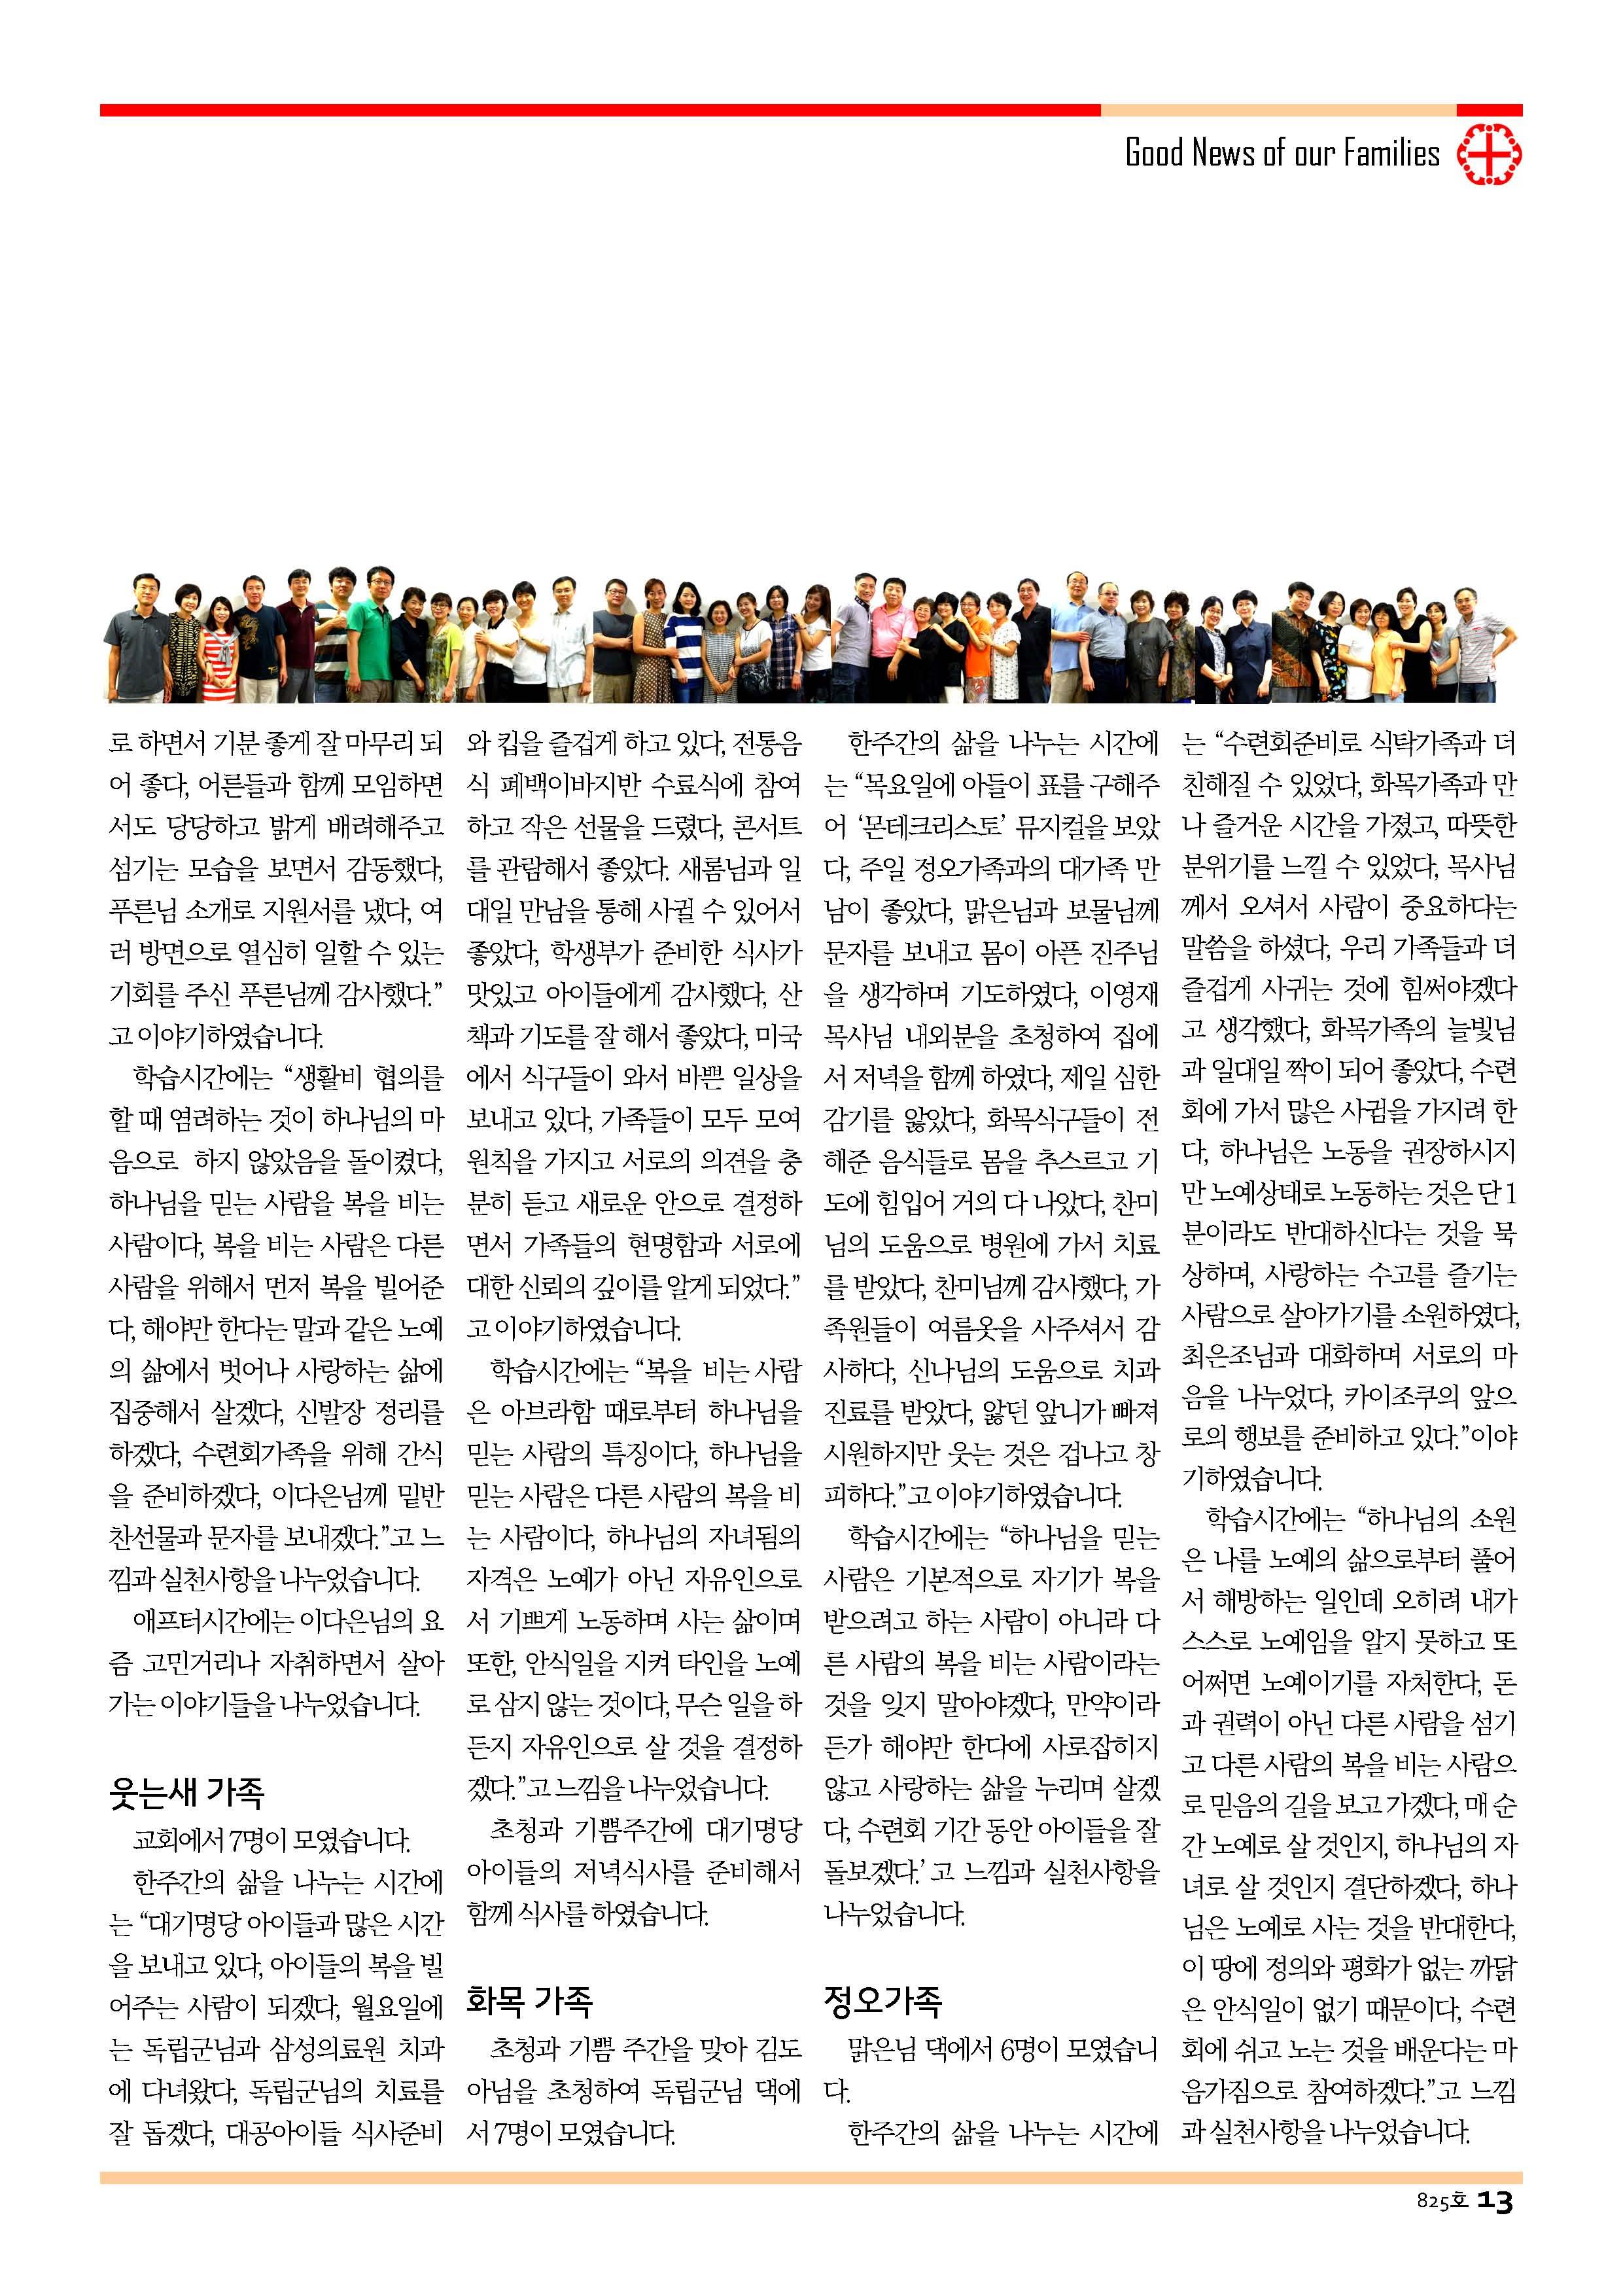 13sdjb0818_Page_13.jpg